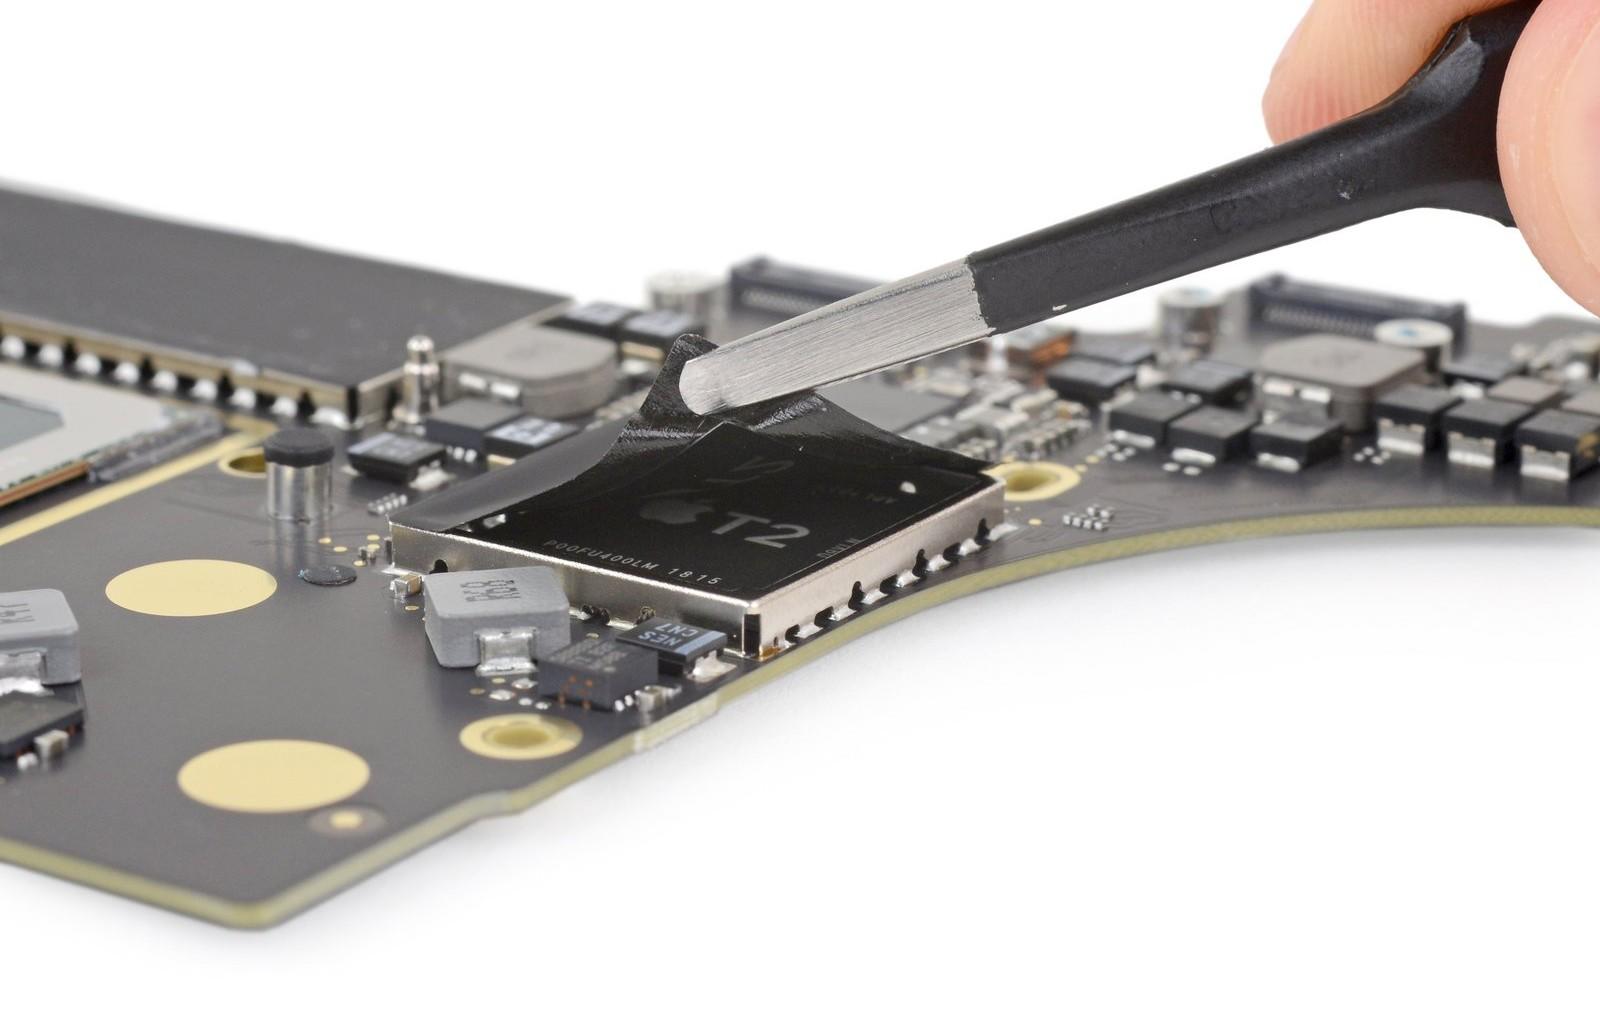 Функция Activation Lock от Apple значительно усложнила жизнь ремонтникам макбуков - 1